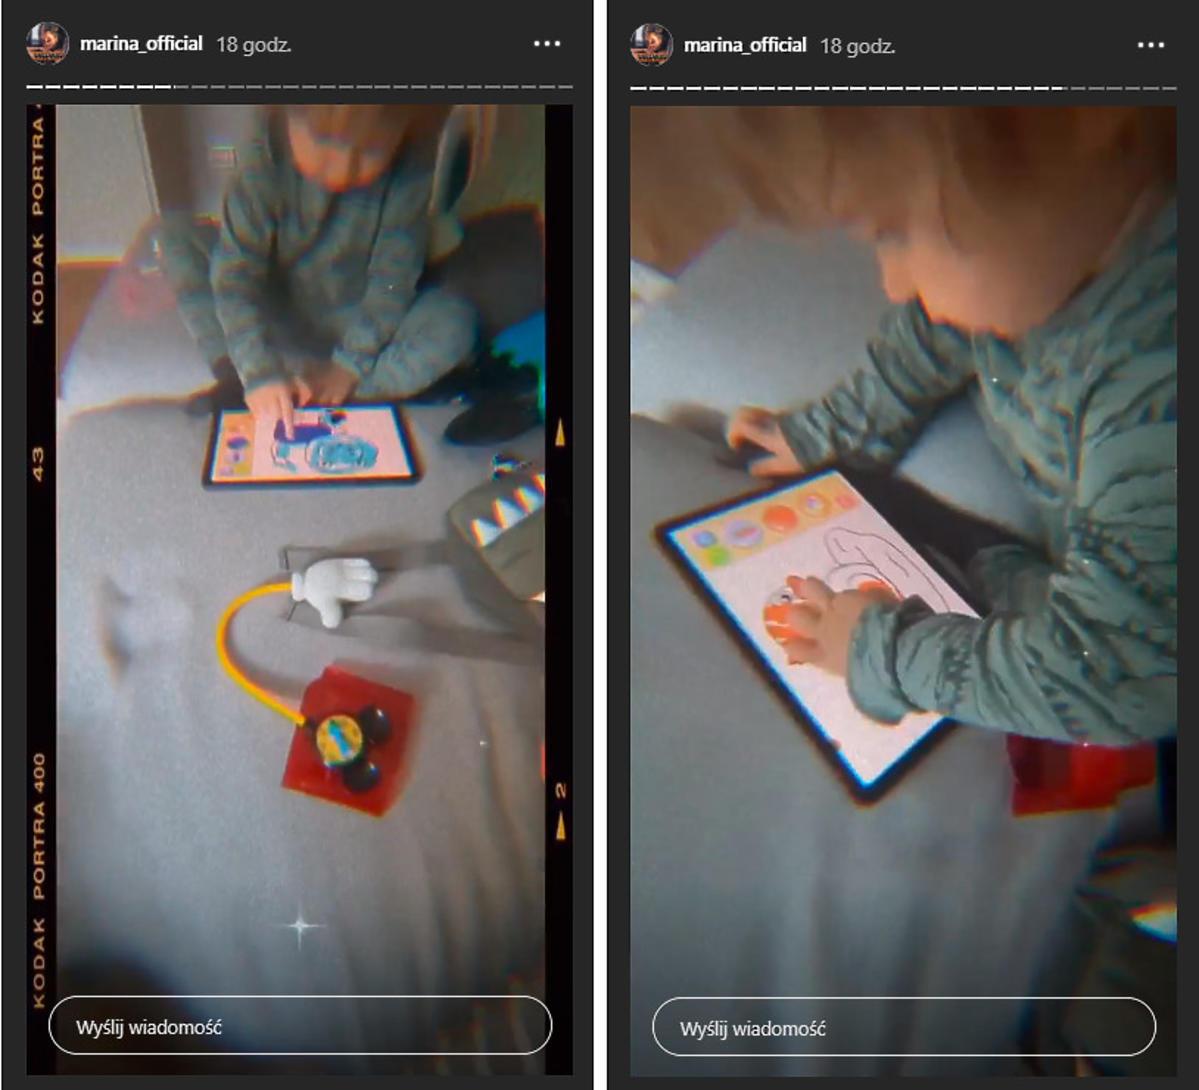 Marina pokazała twarz synka